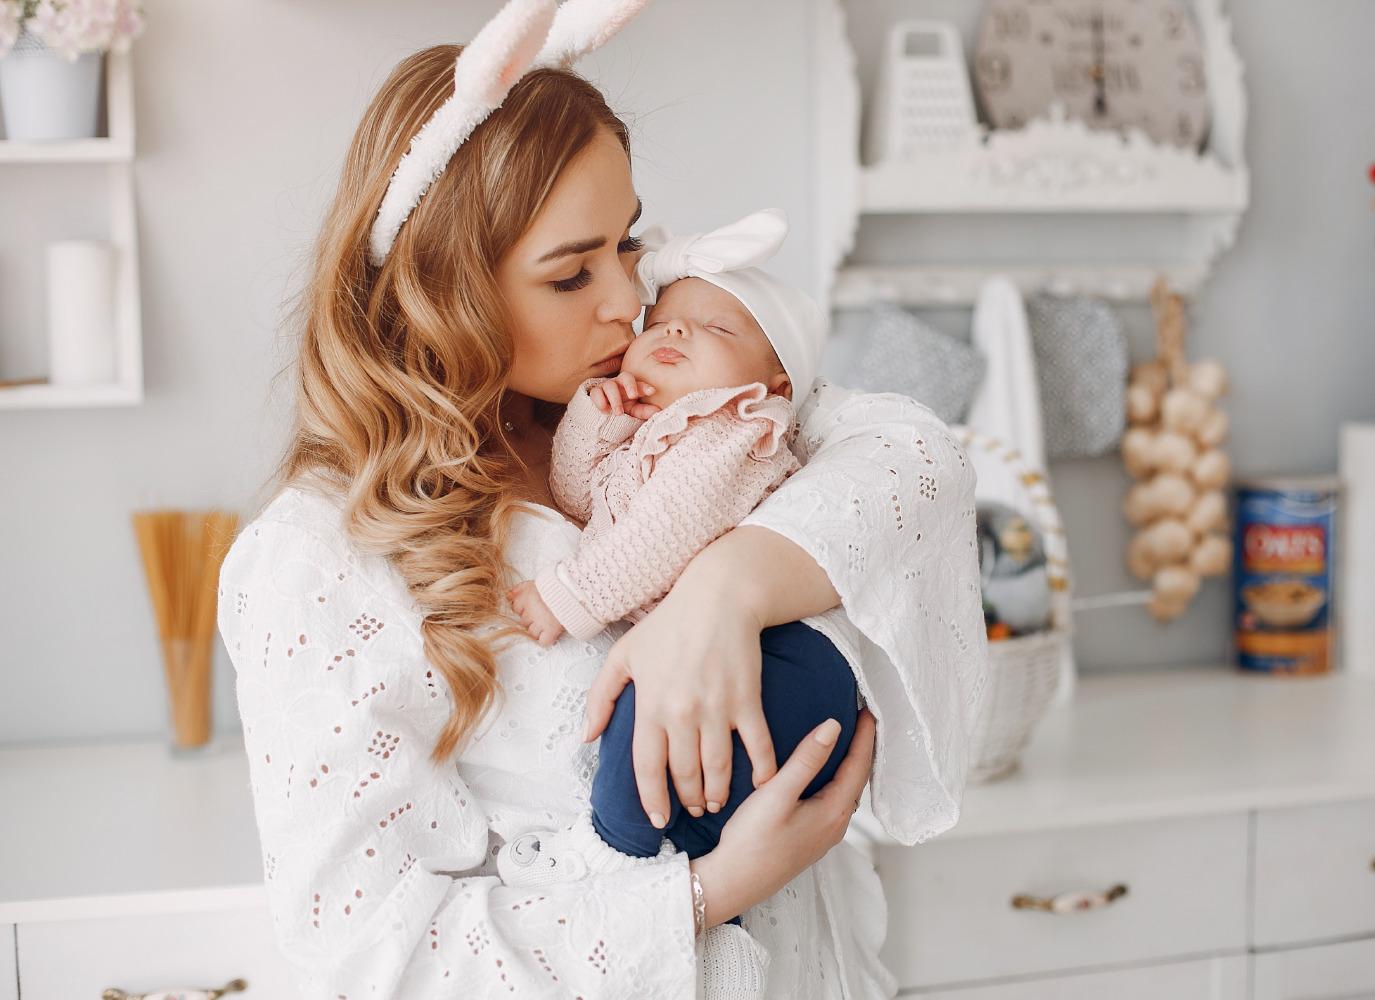 Bé bú mẹ hay bú bình: Cách tập song song cho bé vừa bú mẹ vừa bú bình